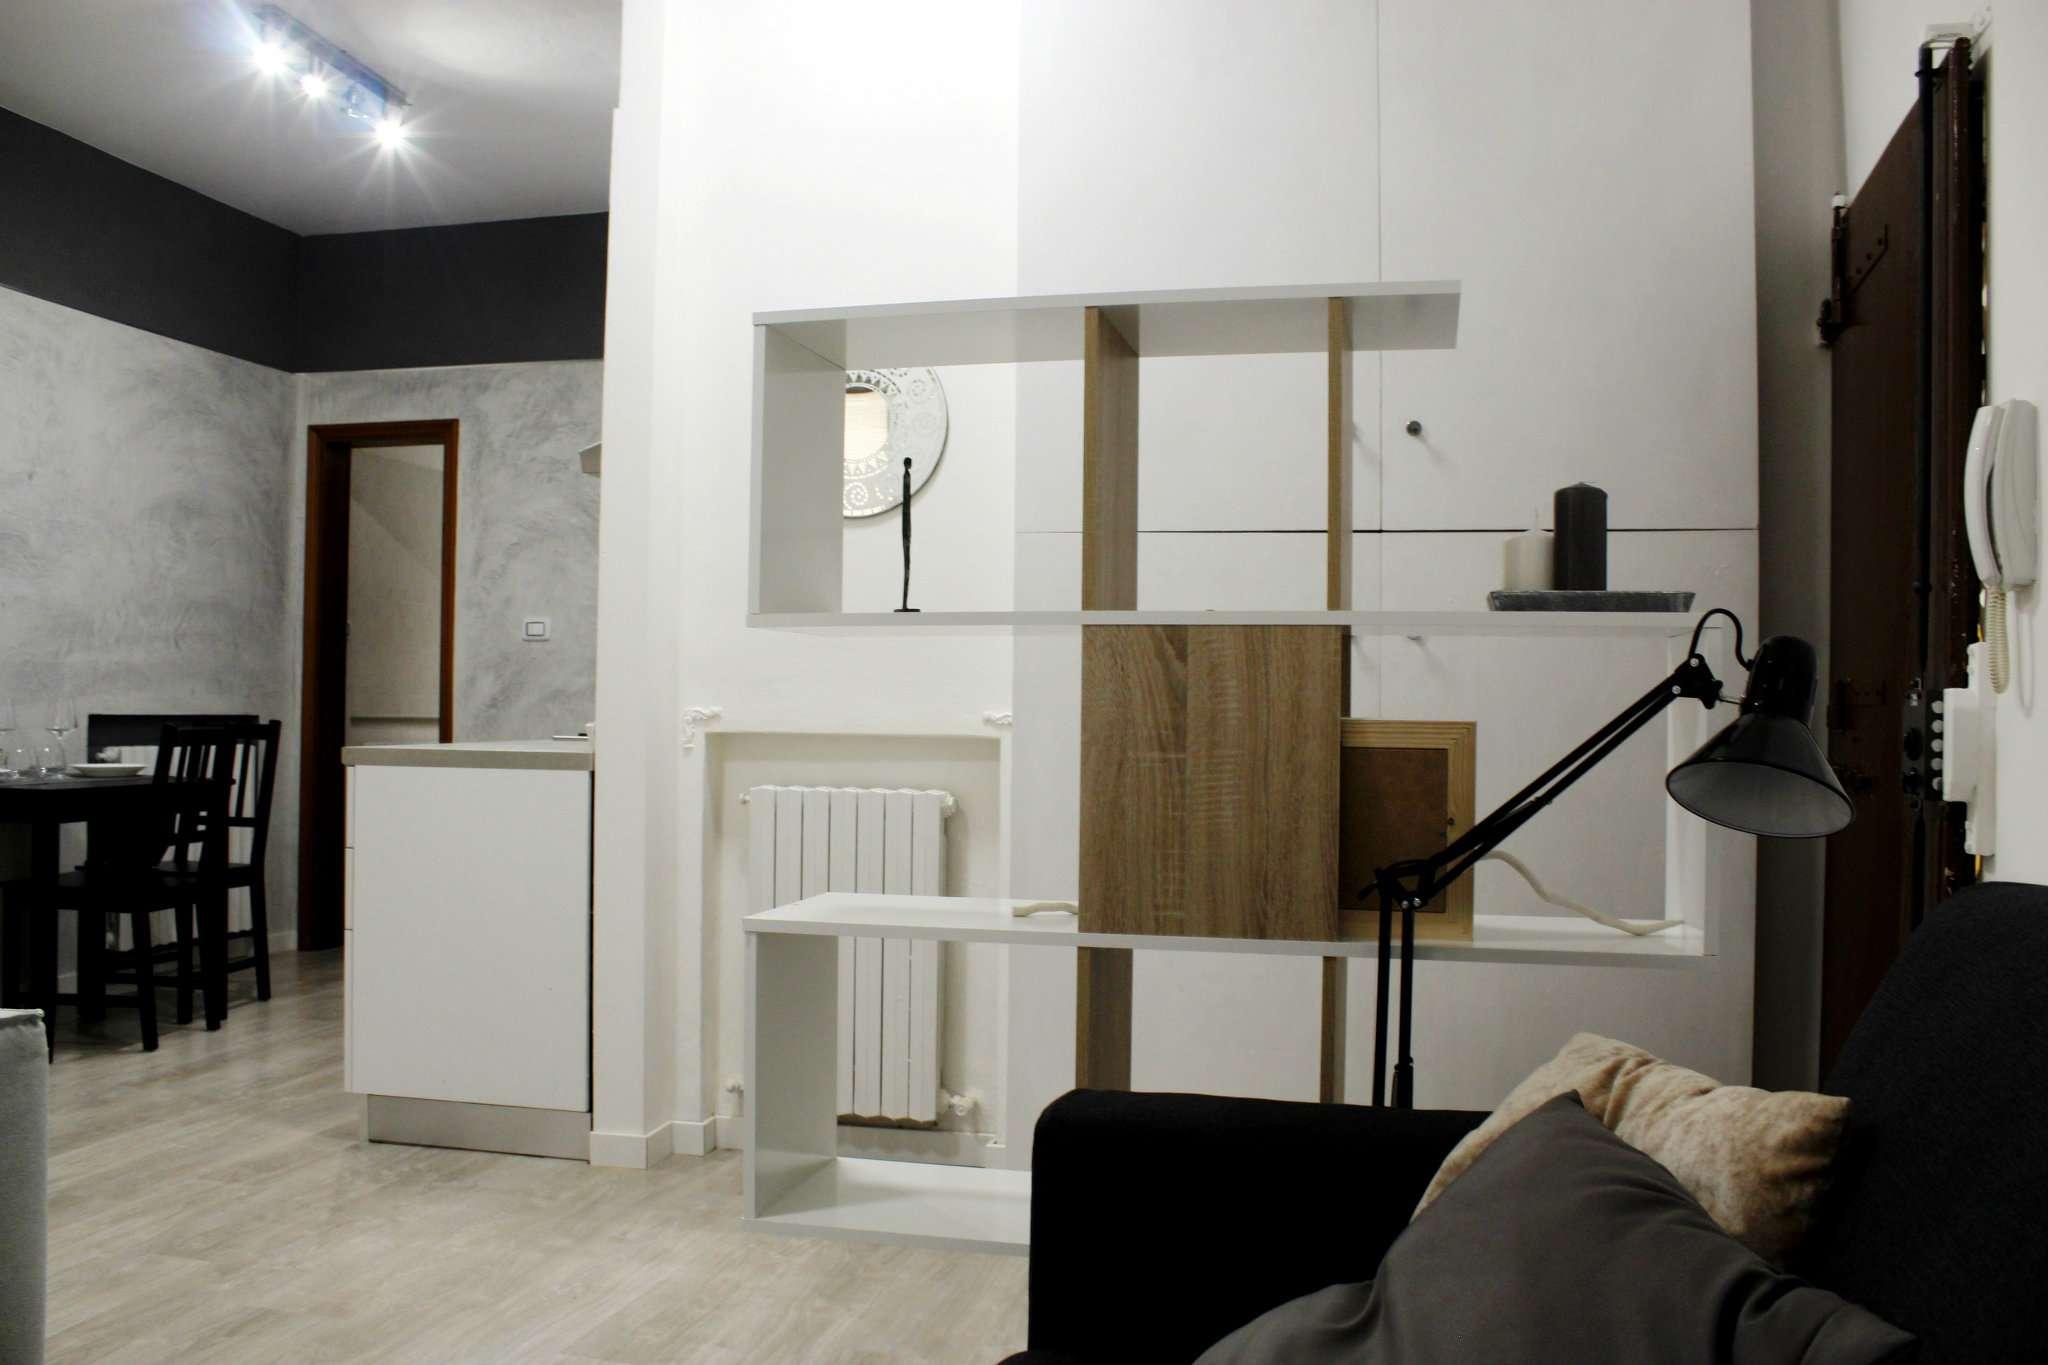 loft vendita bologna di metri quadrati 35 prezzo 123000 nella zona di san vitale rif b037